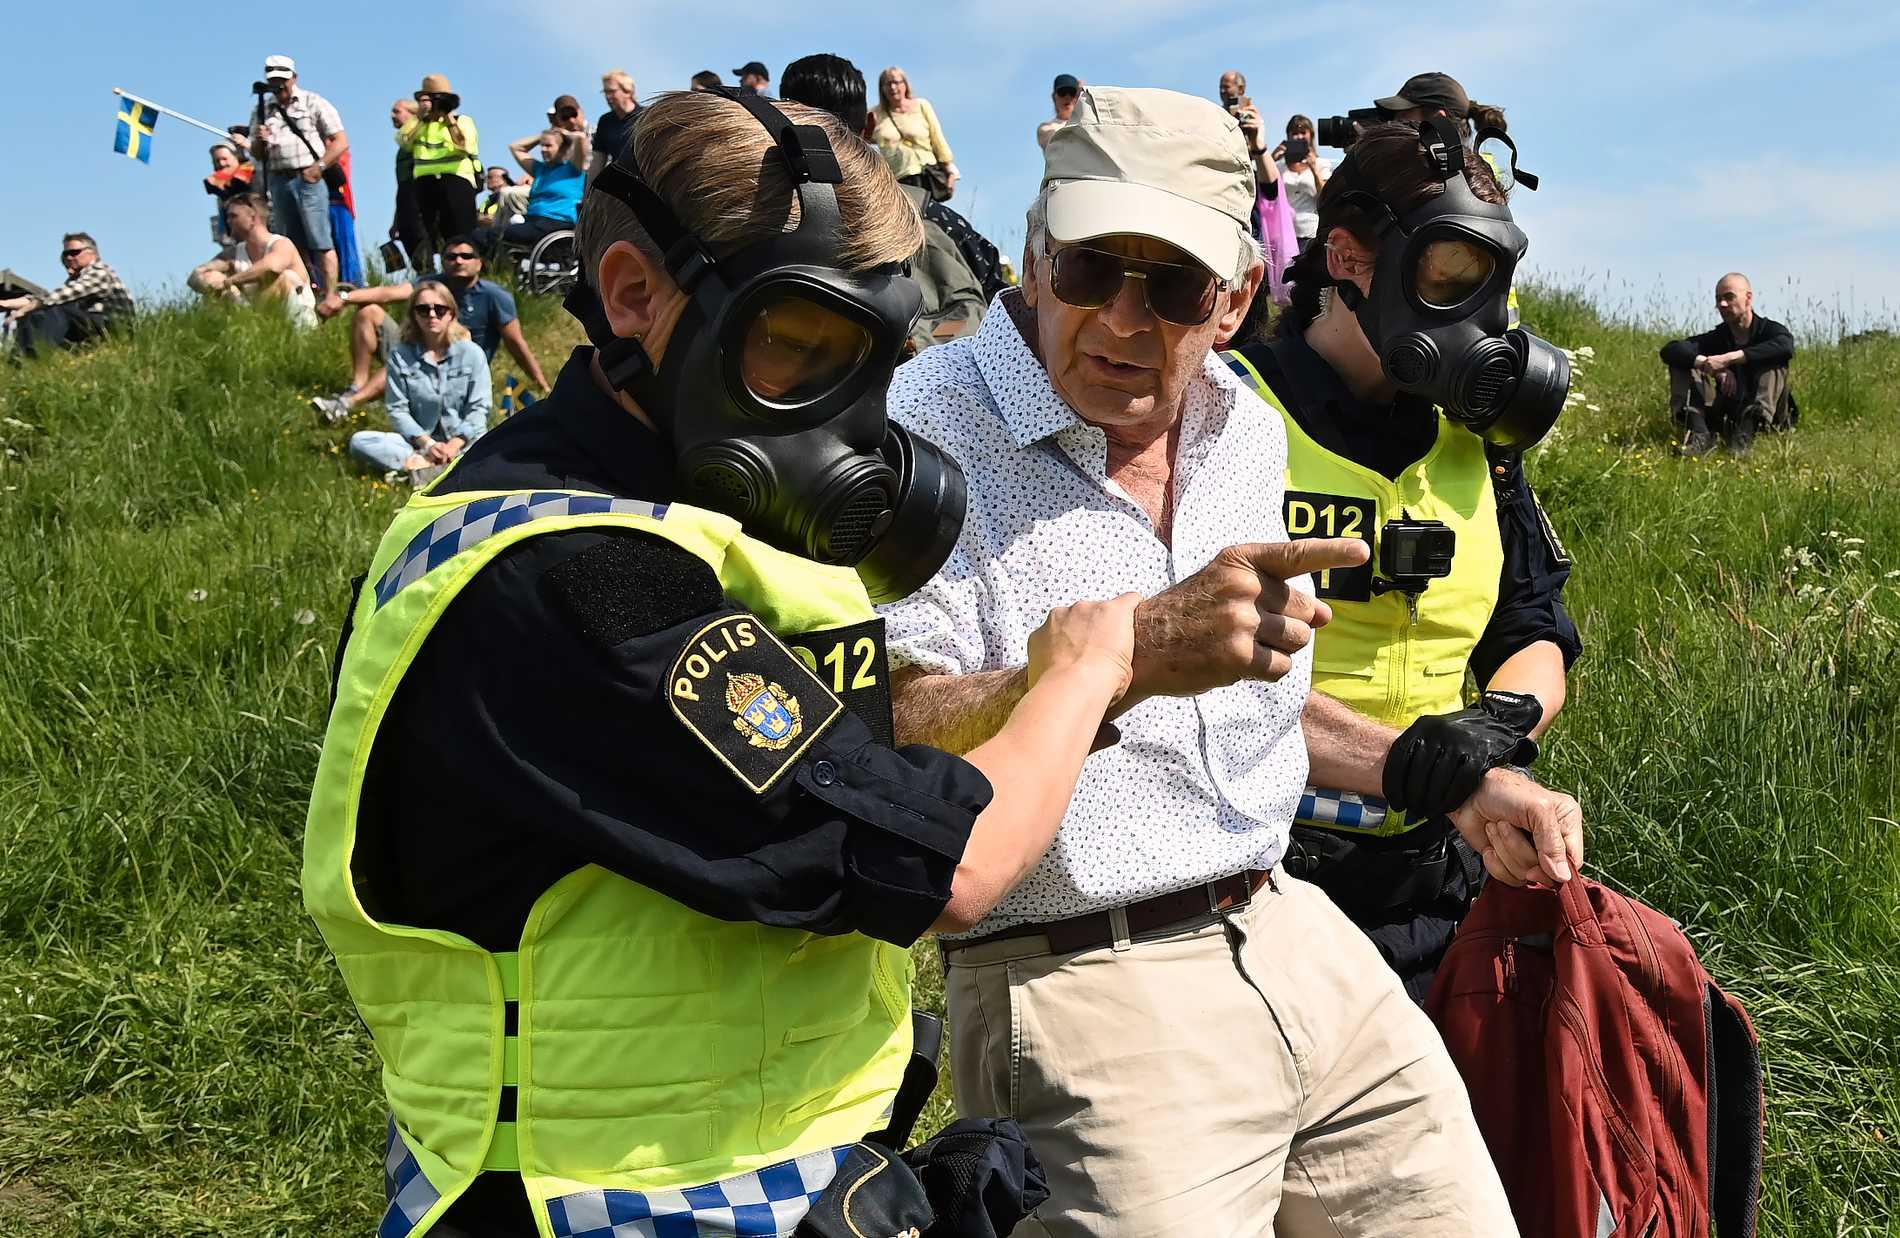 Polis för bort en demonstrant vid Gärdet i Stockholm.